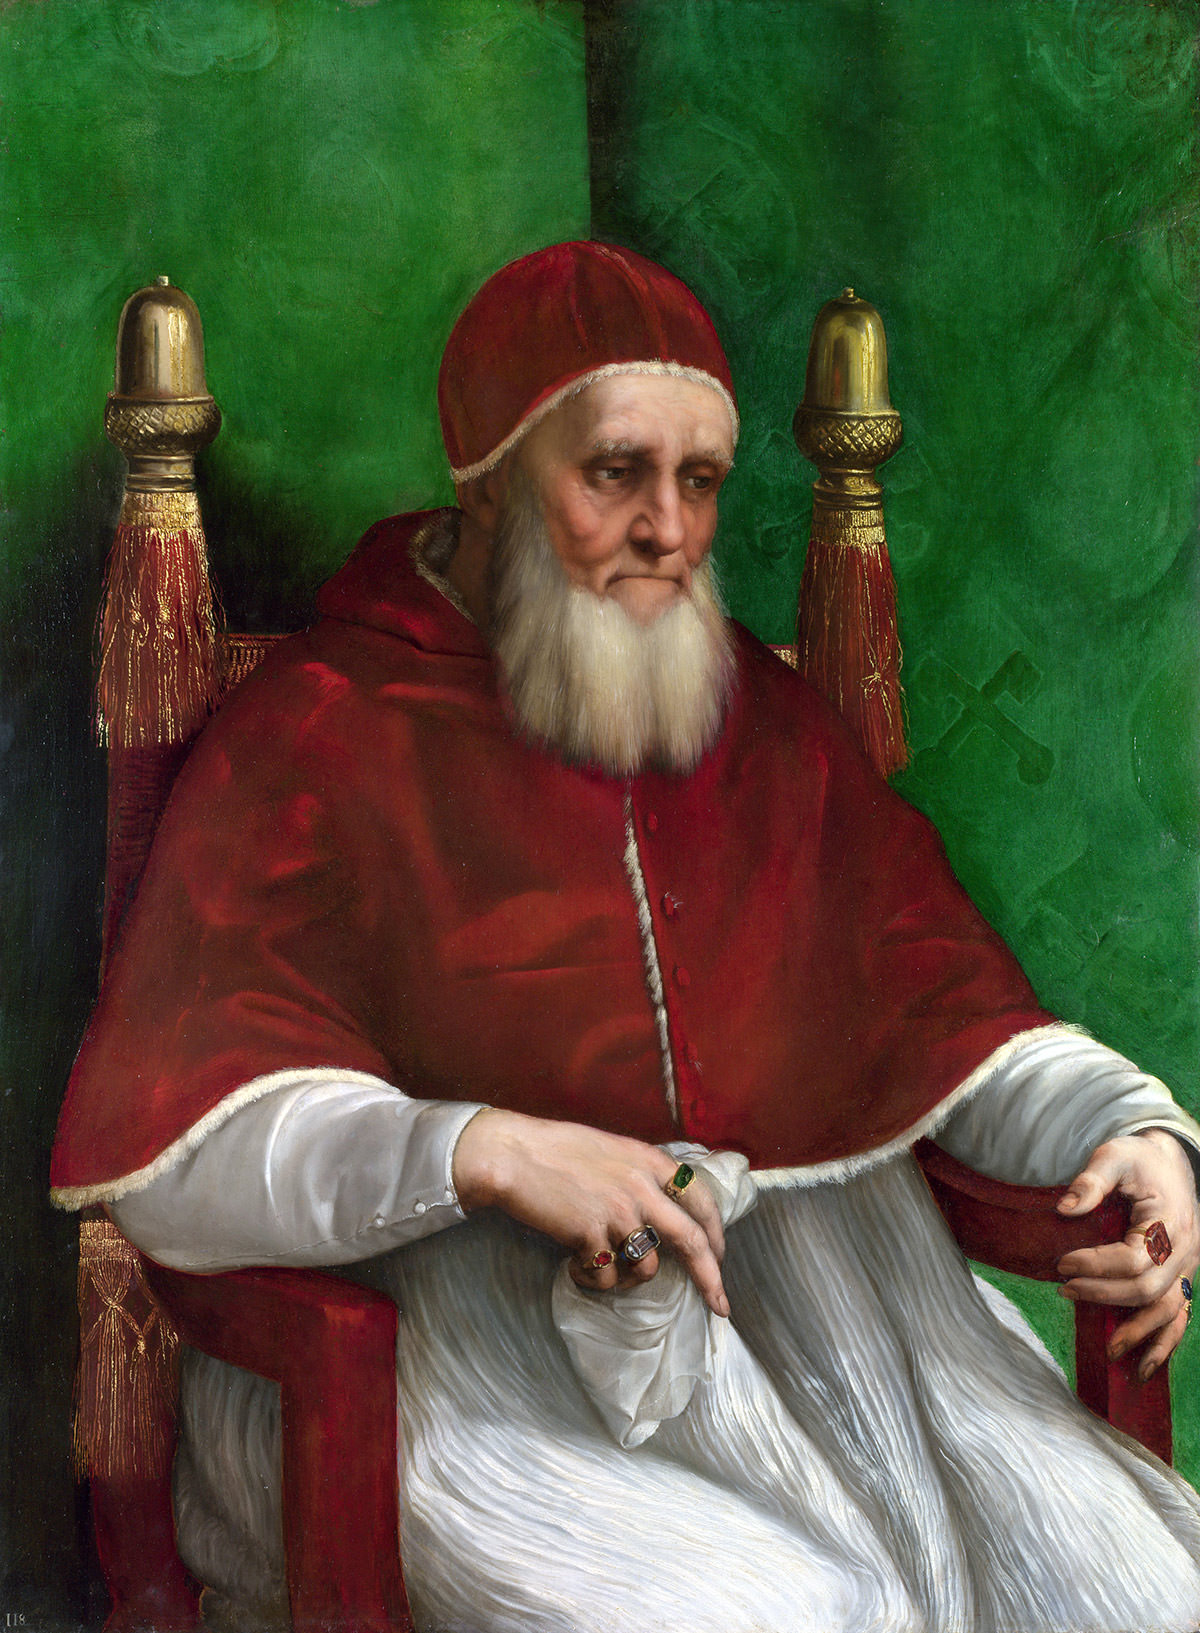 Rafael, Portret Papieża Juliusza II, papież Juliusz II, malarstwo włoskie, sztuka włoska, National gallery londyn, Niezła stuka